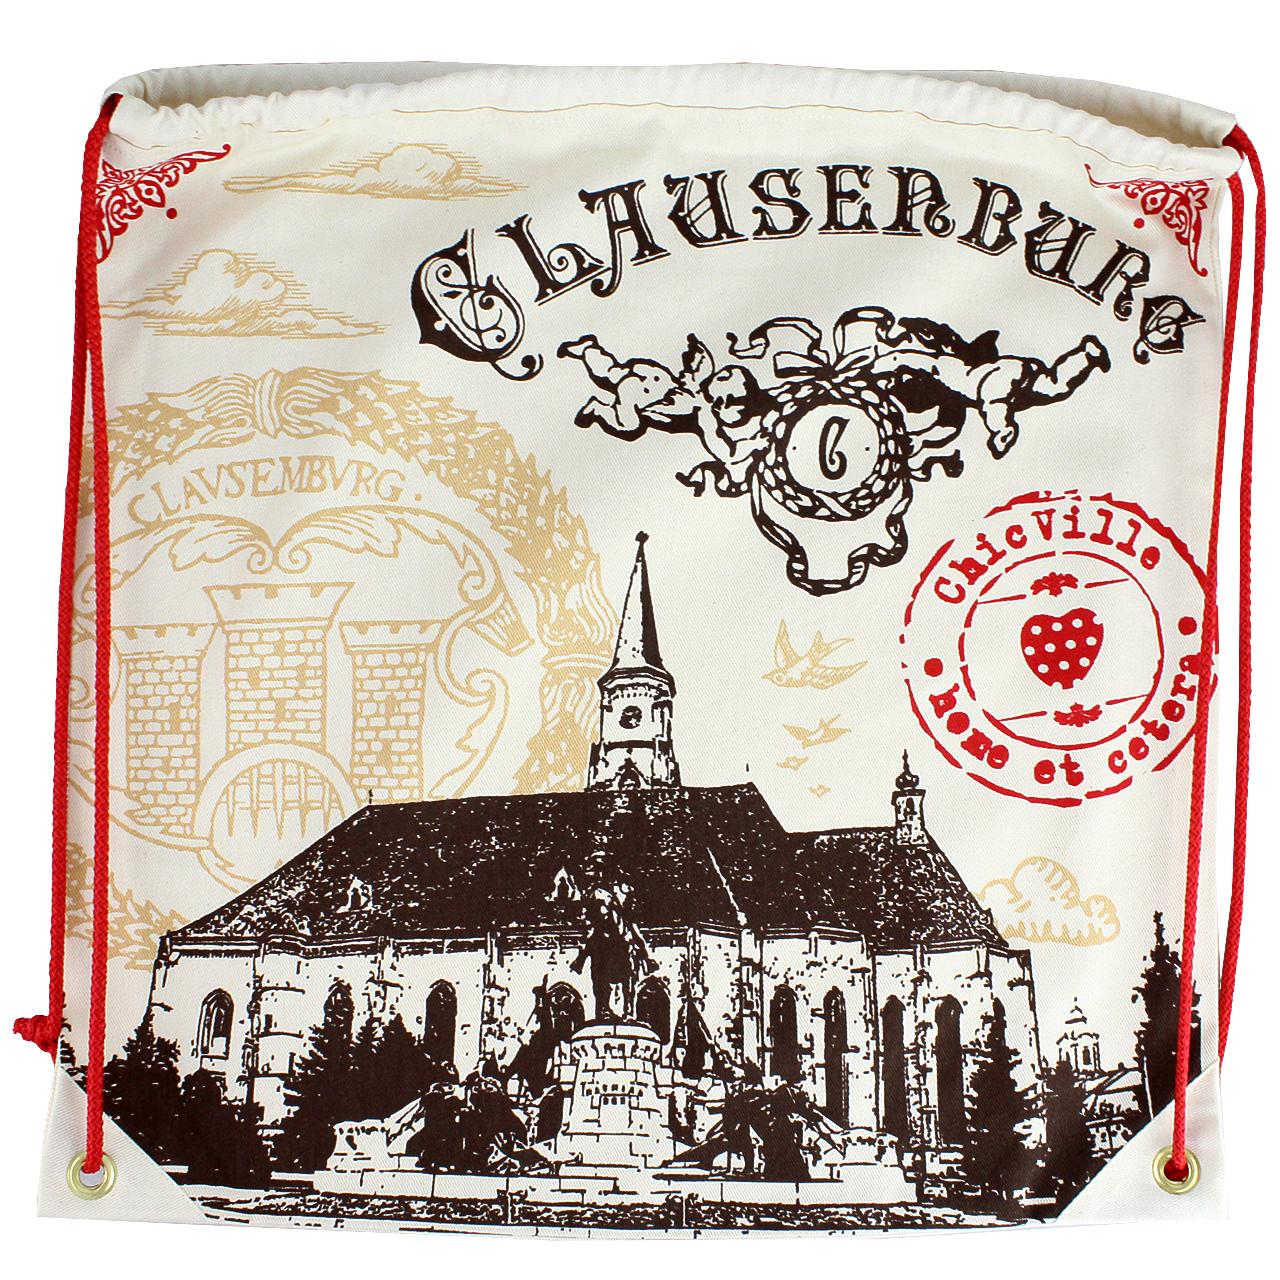 Rucsac cu imprimeu Biserica Sf. Mihail Clausenburg chicville 2021